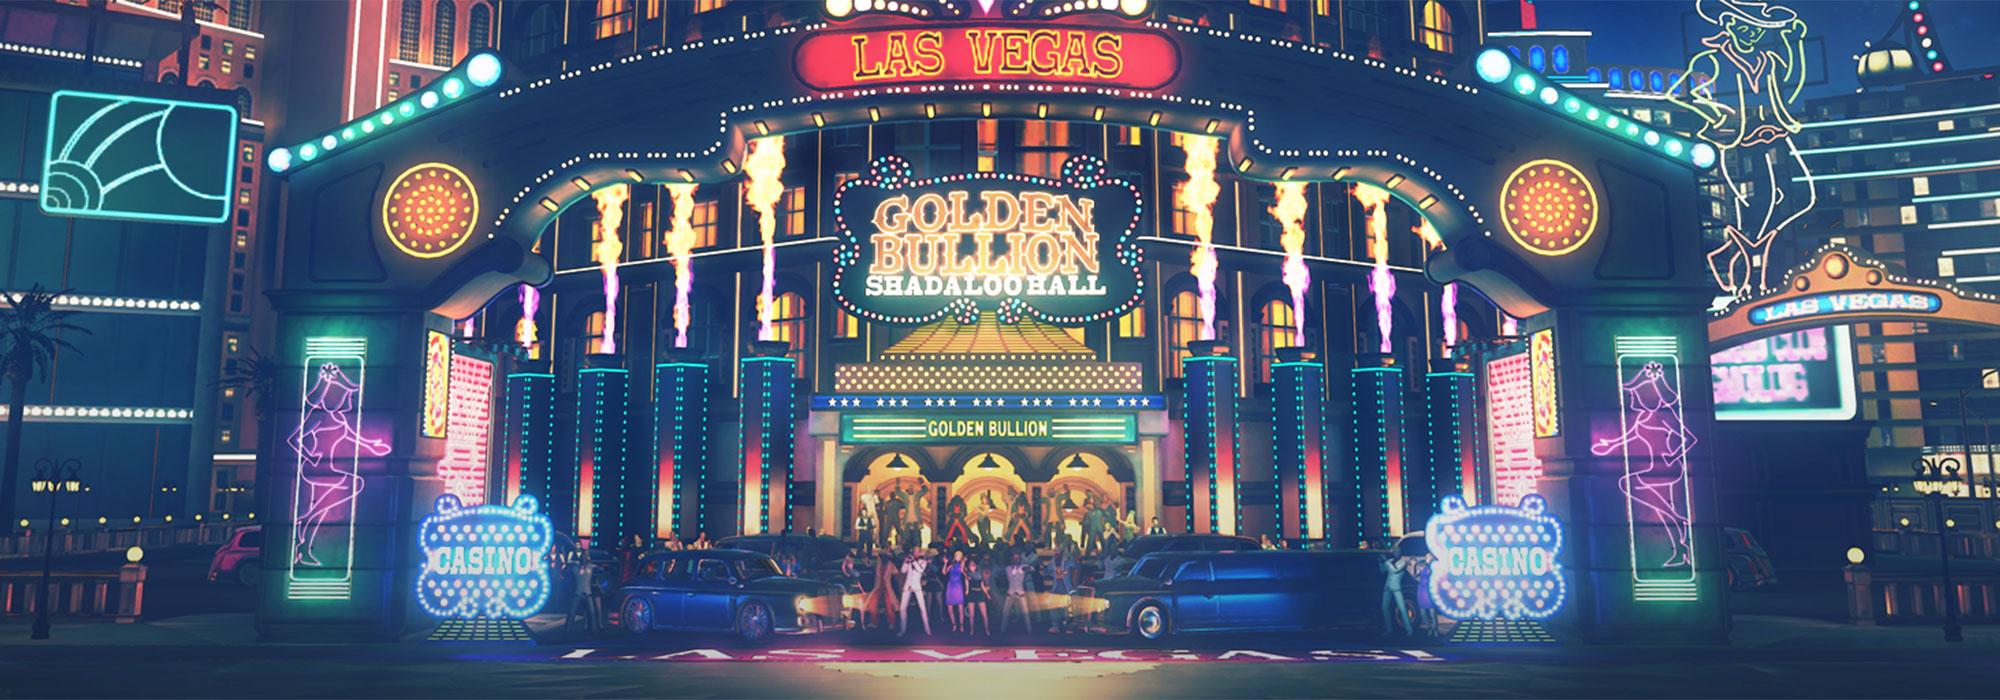 casino high